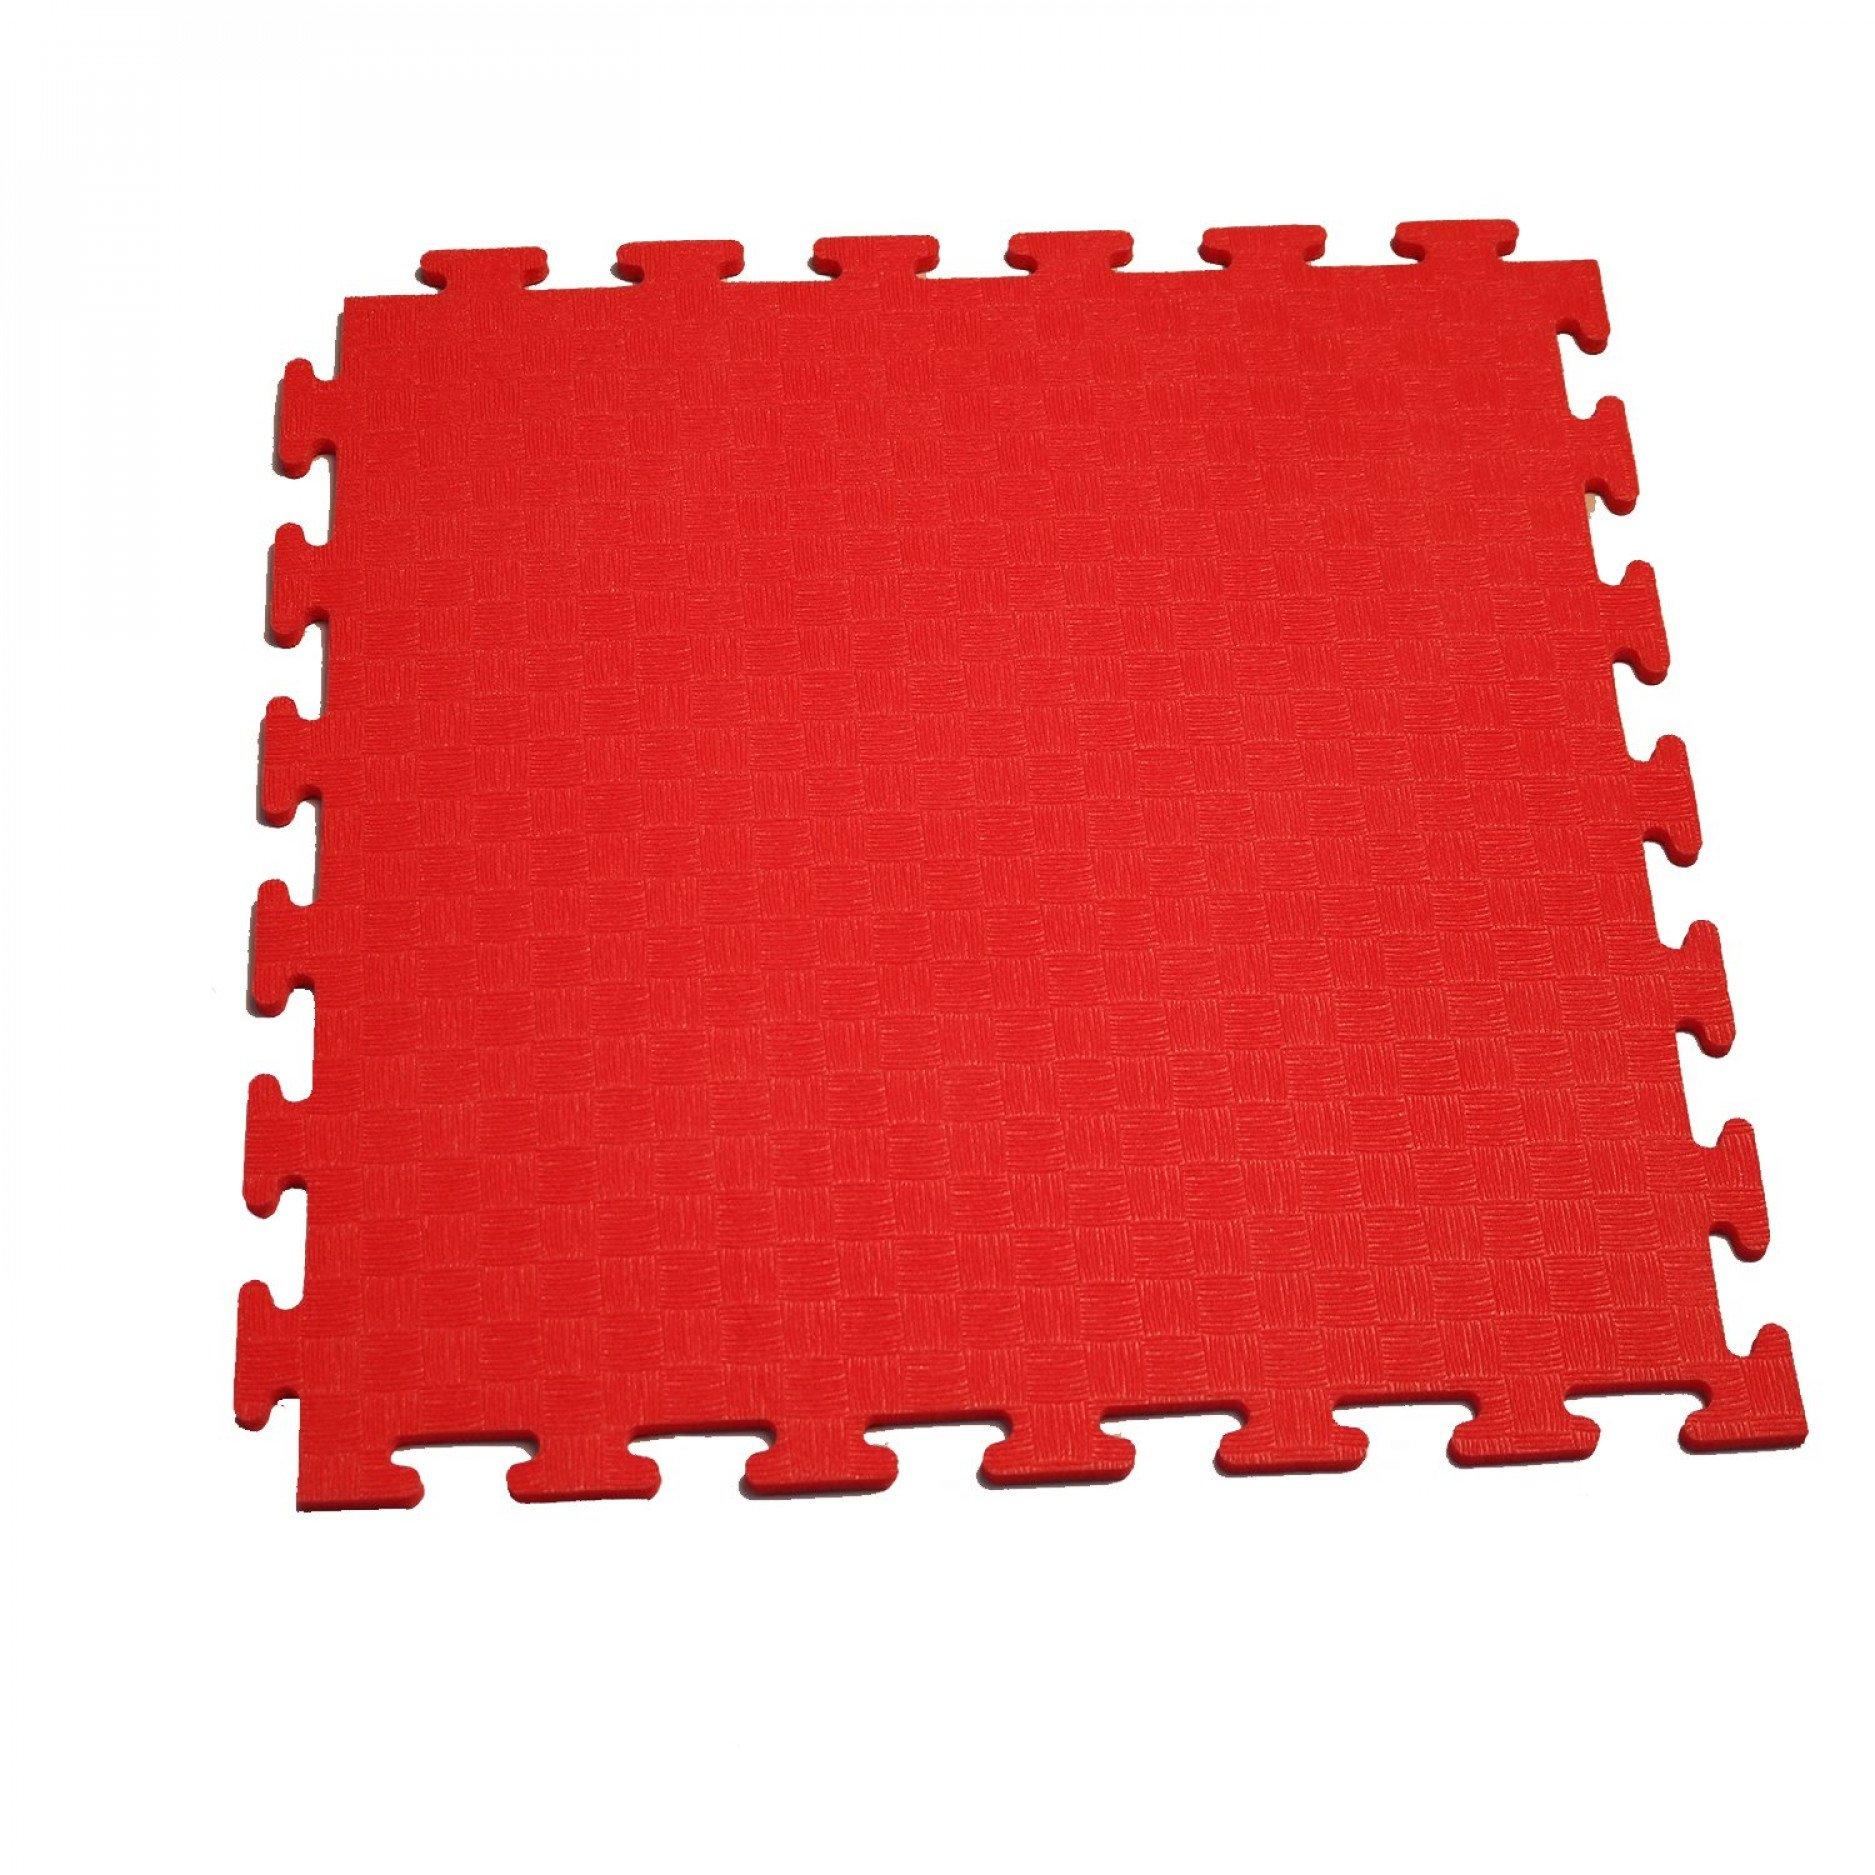 Маты - пазлы для фитнесса и тренажеров DFC 1 элемент Красный